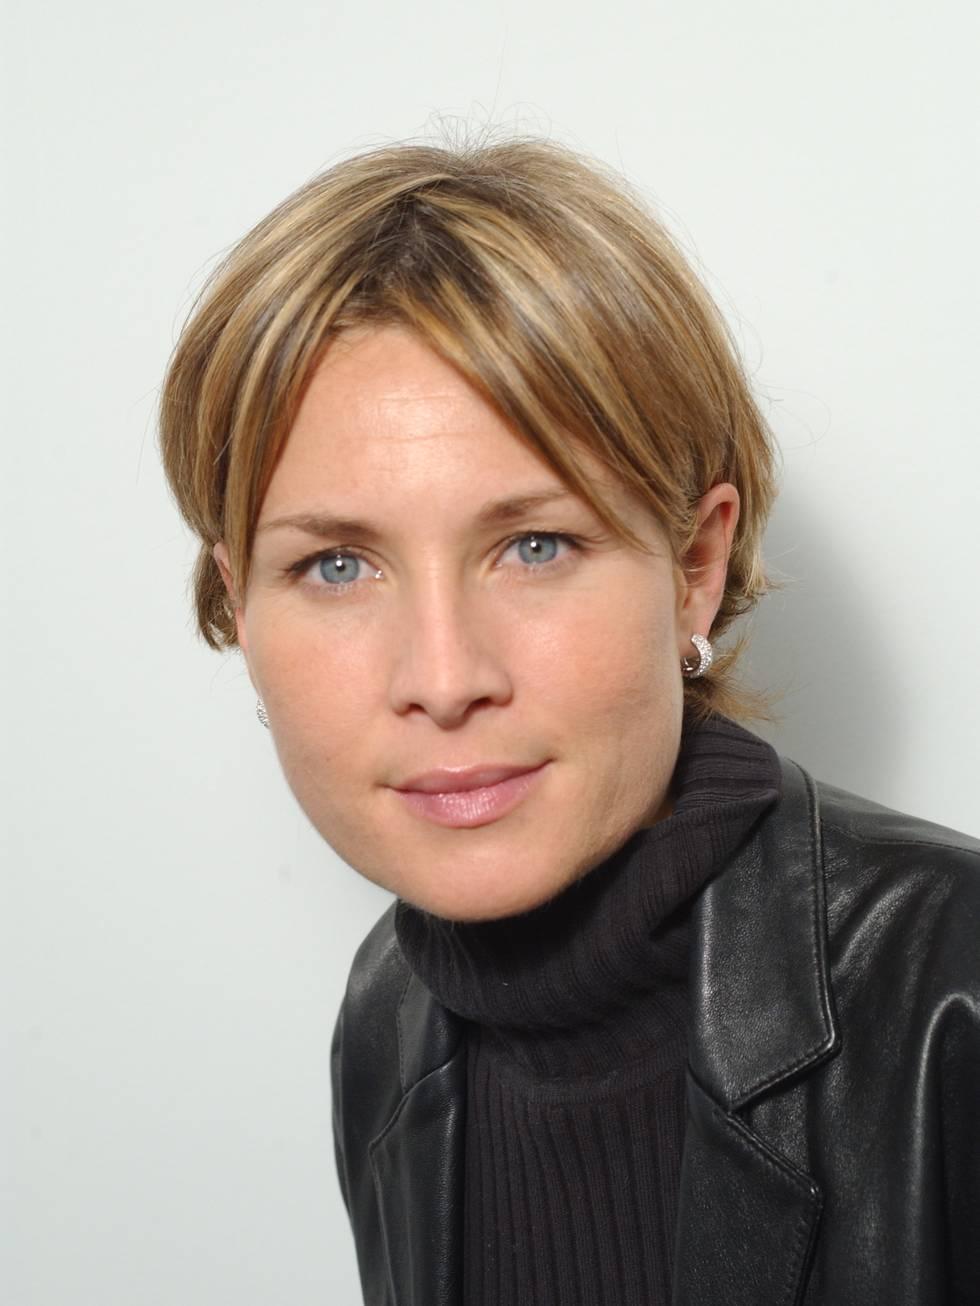 Alessandra Maffioli